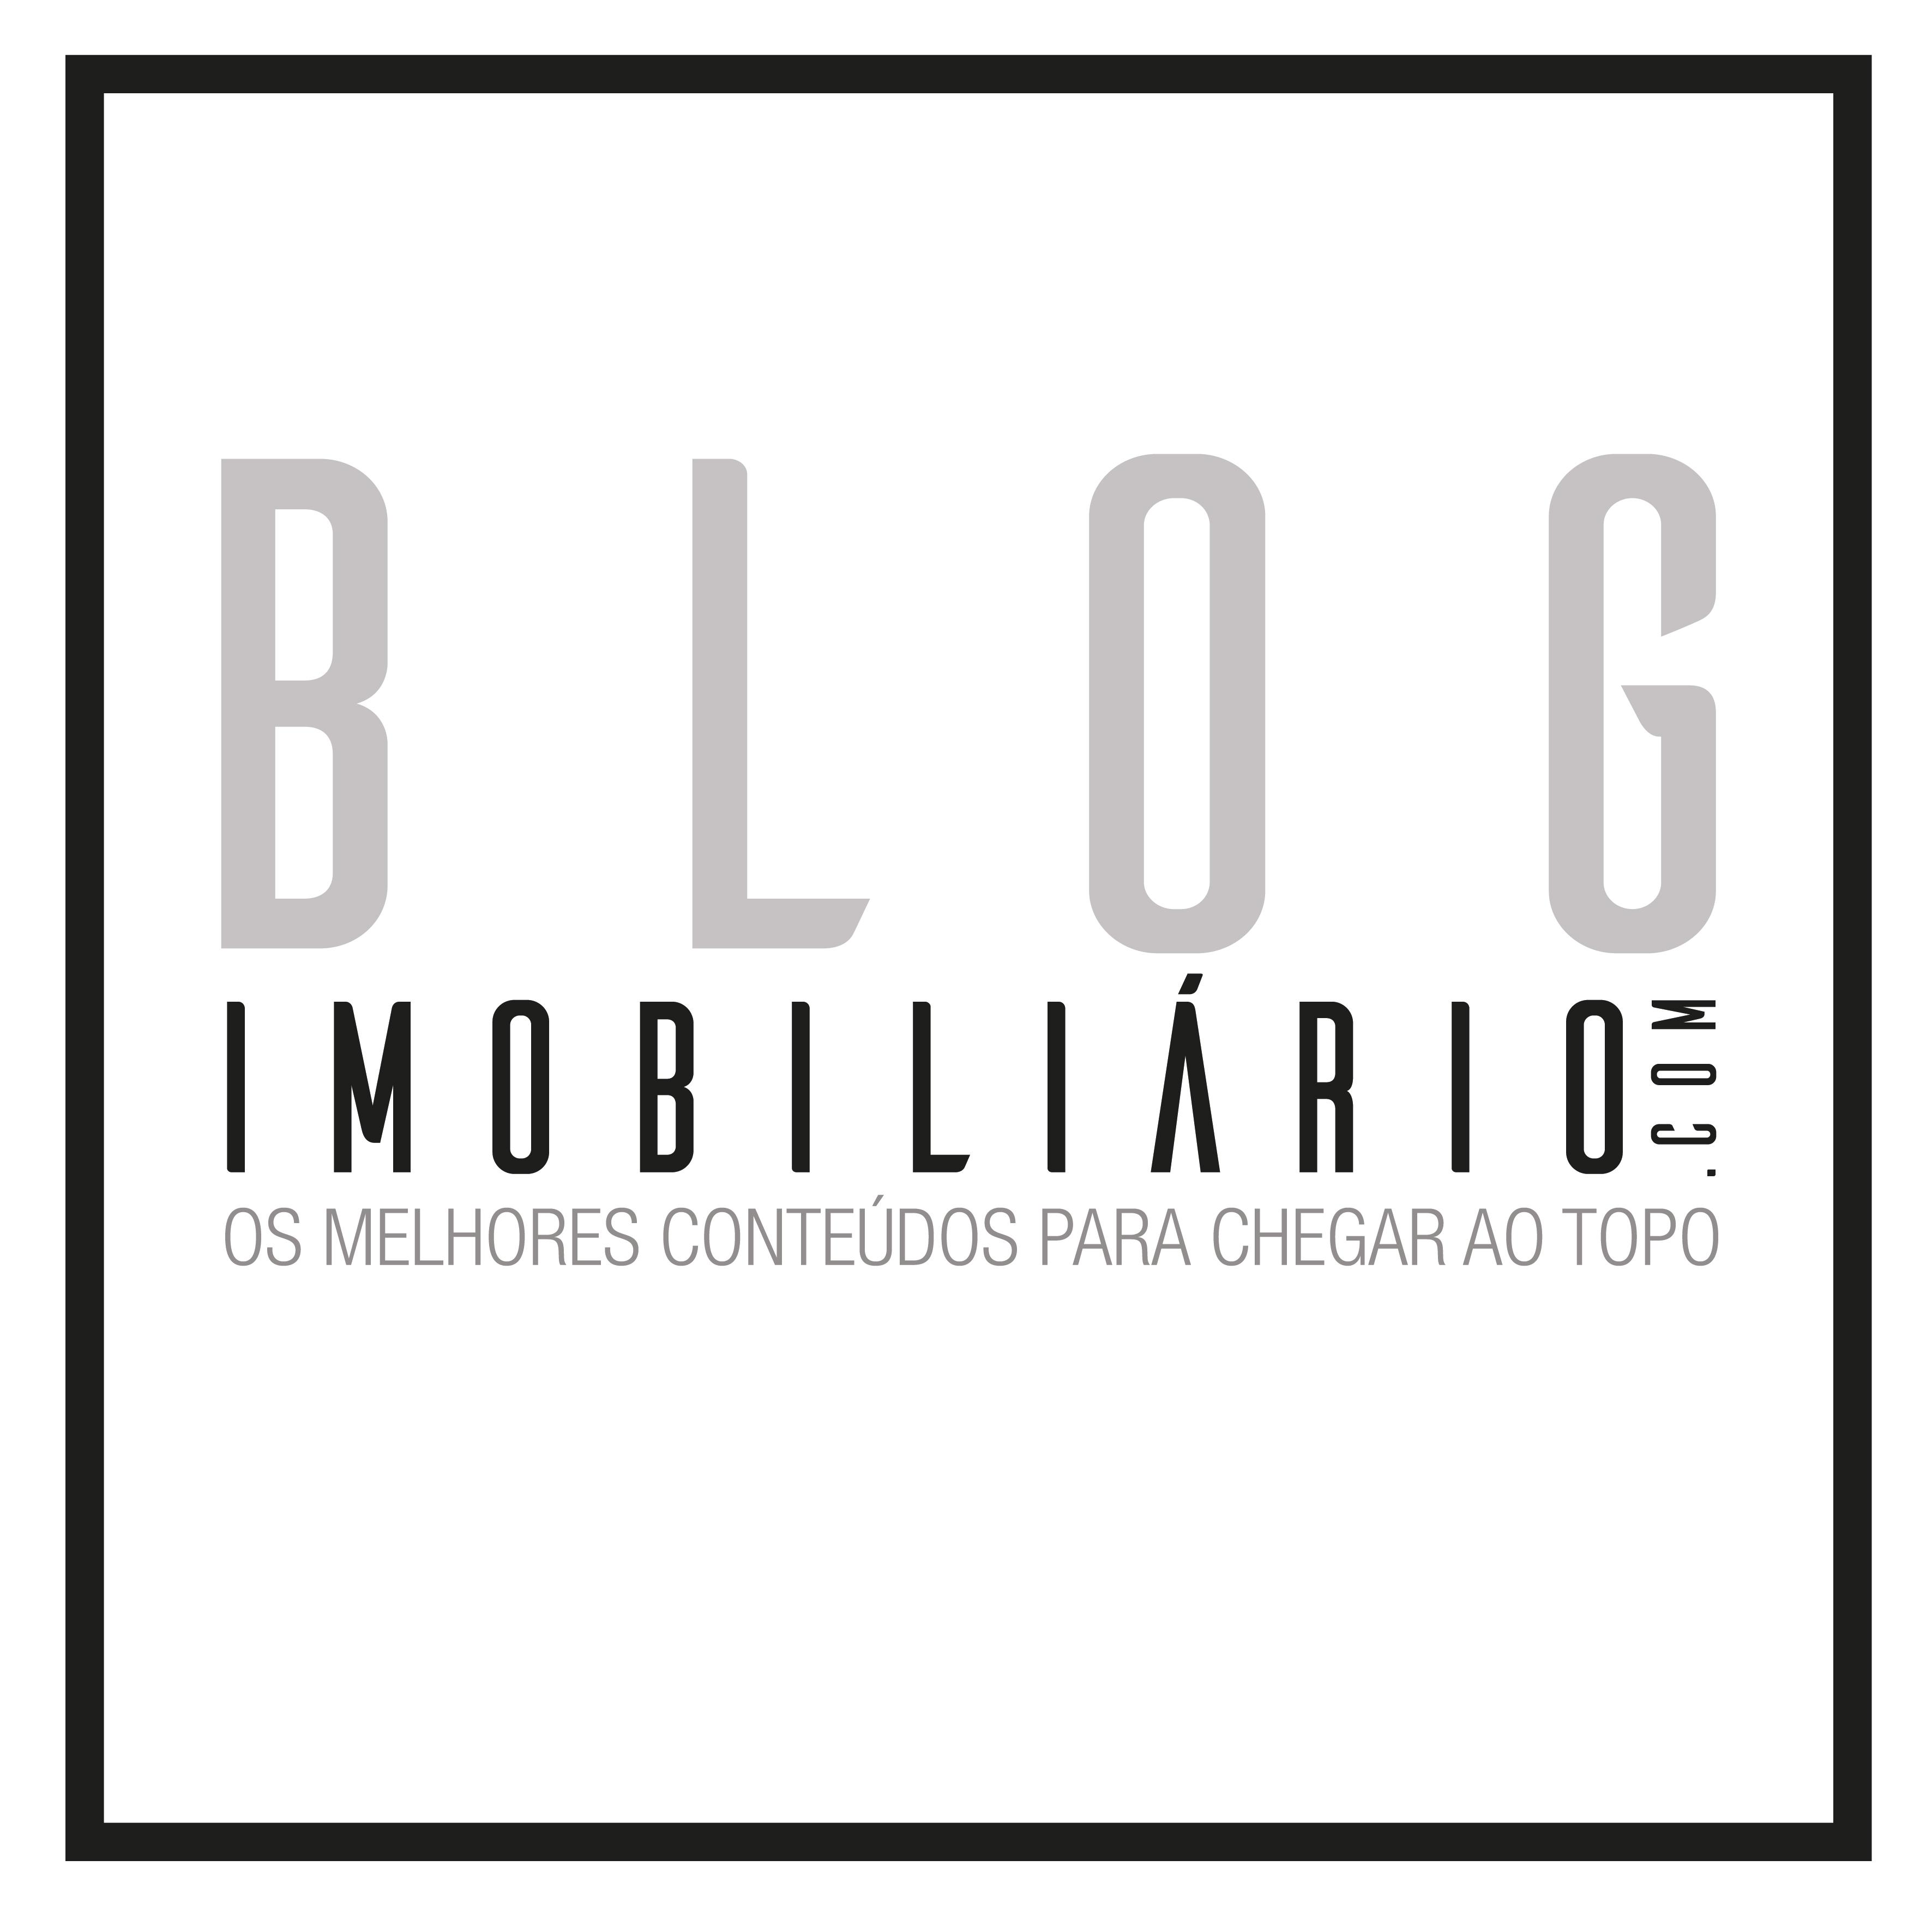 BLOG-Imobiliario-Os-Melhores-Conteudos